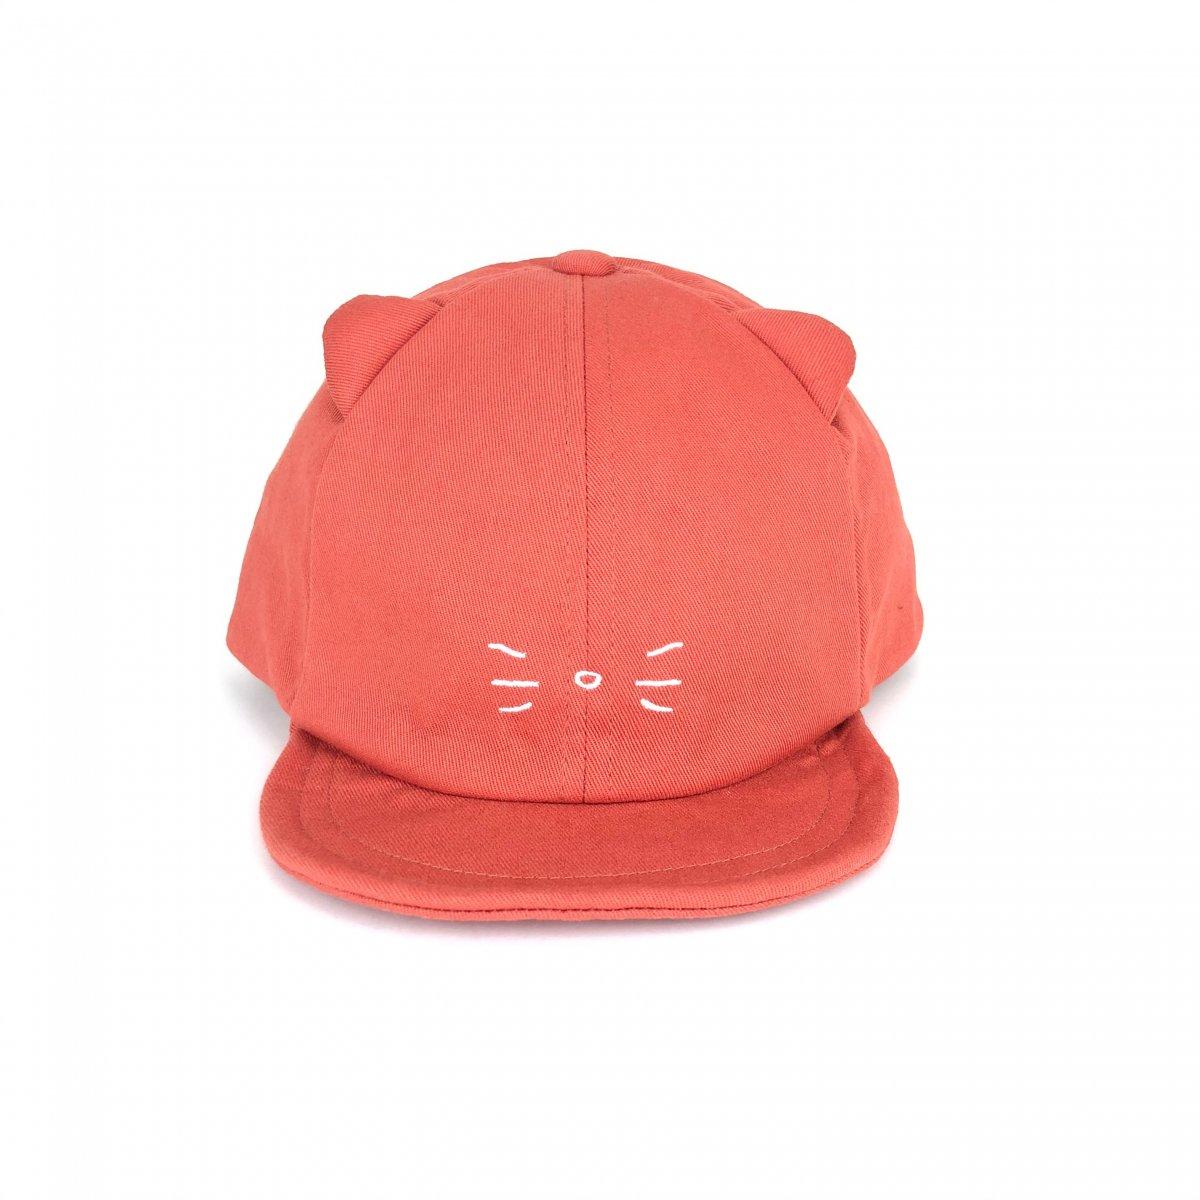 【KIDS】Cat Ear Cap 詳細画像6